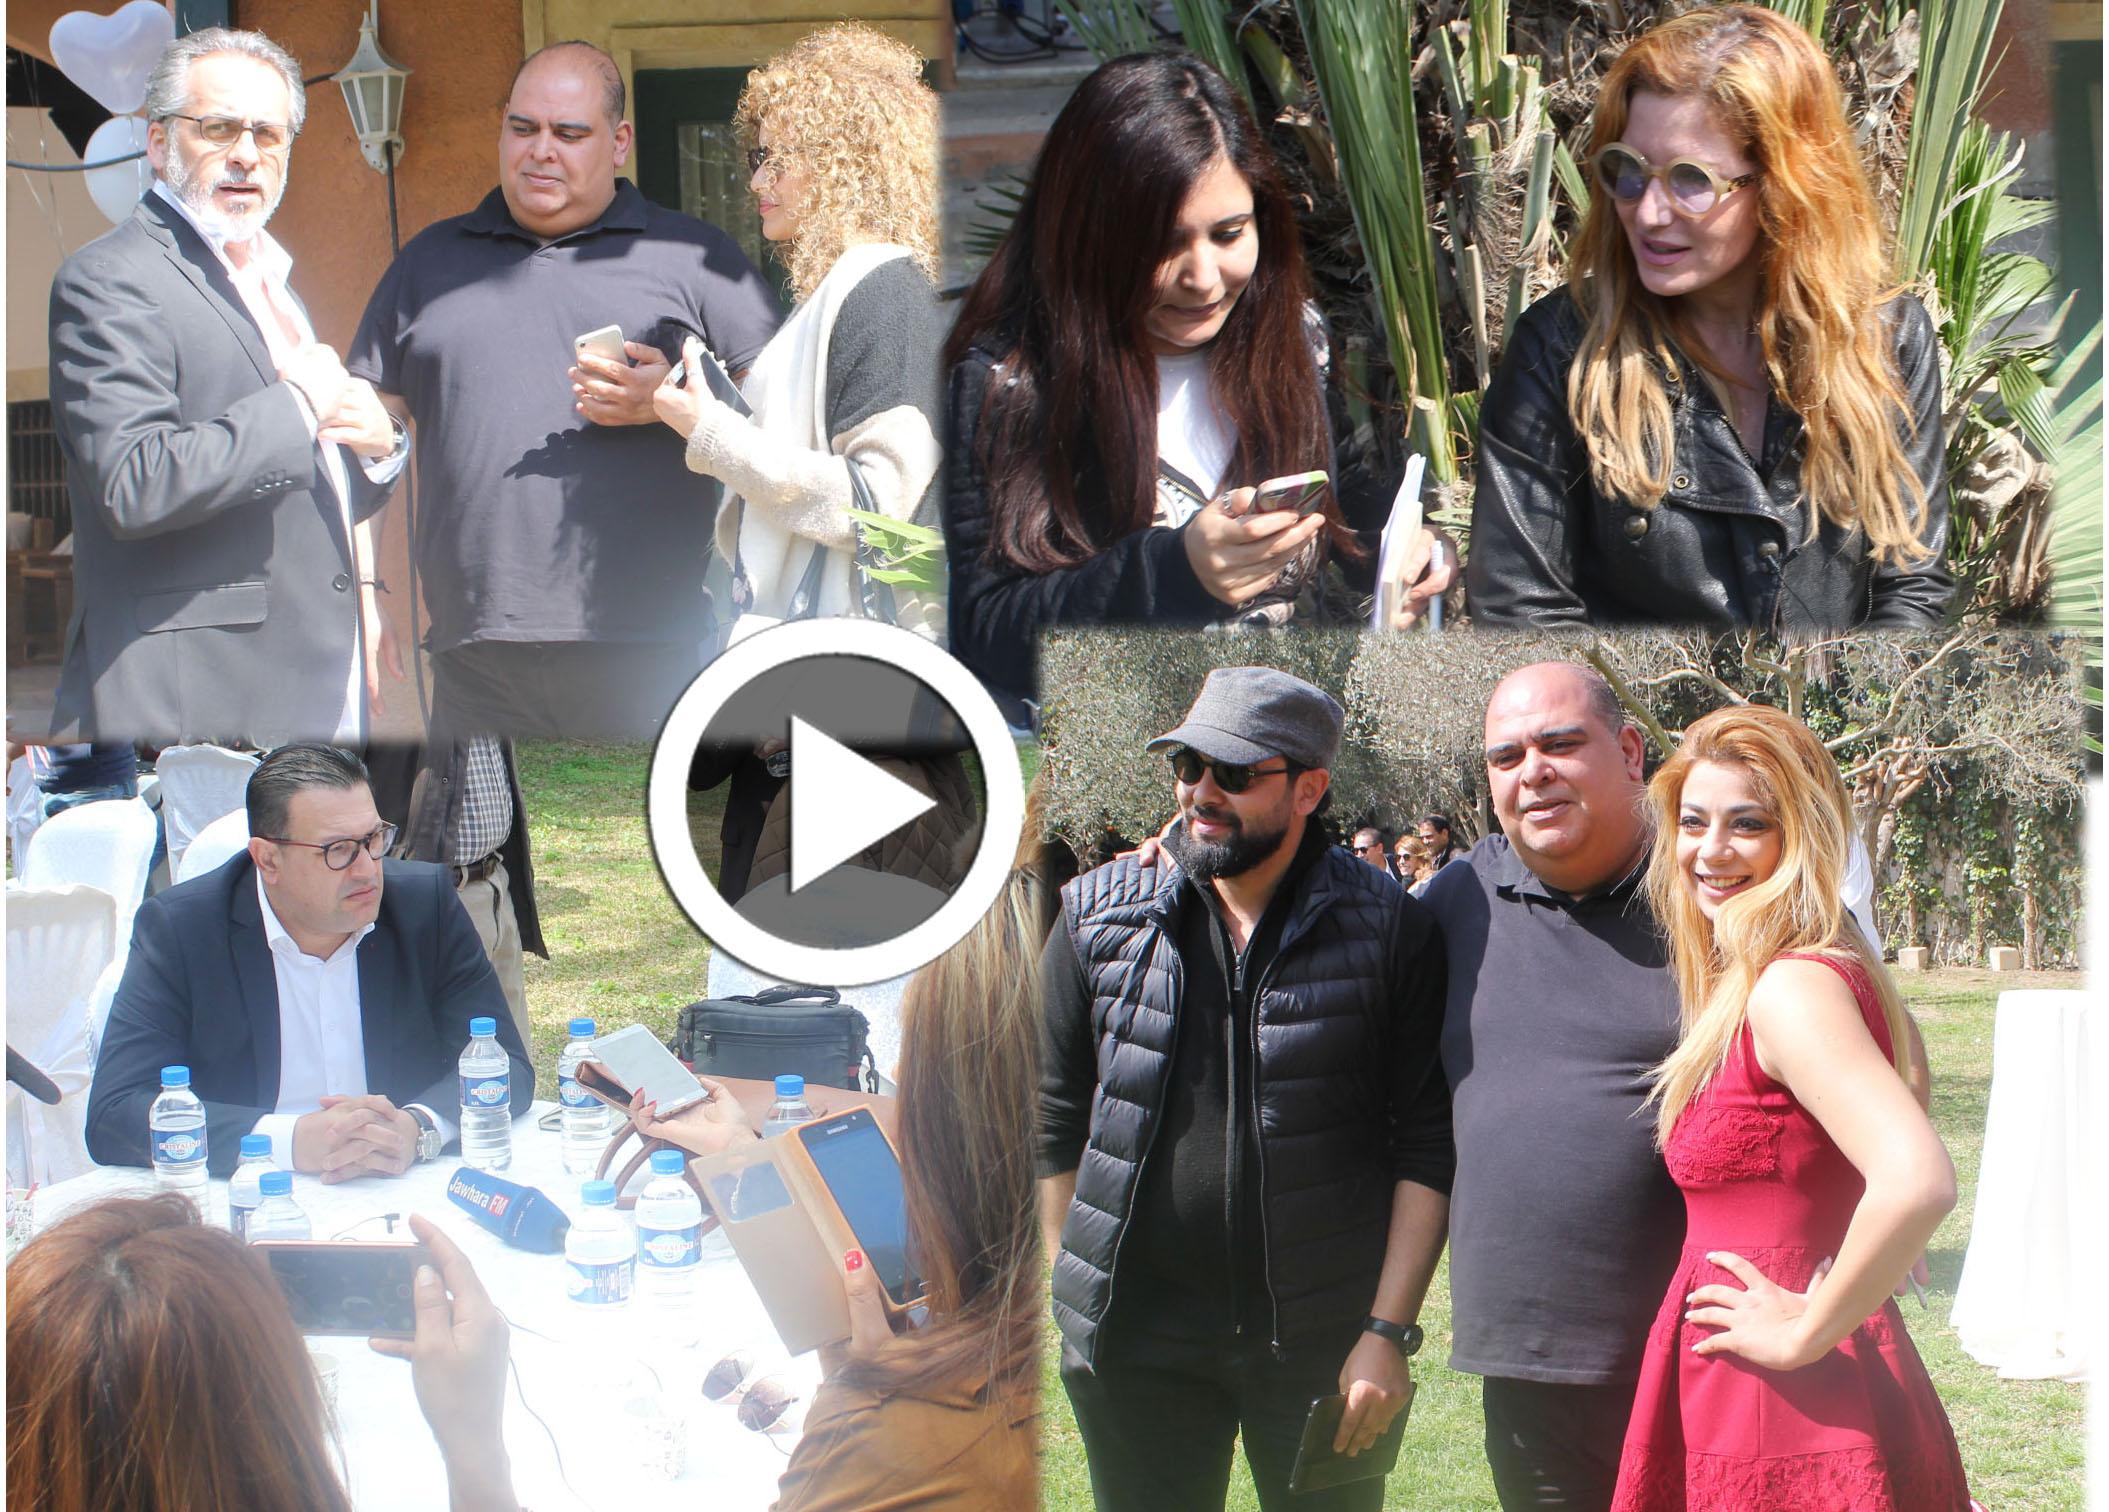 بالفيديو: كواليس مسلسل ''الدوامة'' الذي سيبث على القناة الوطنية بكلفة تتجاوز 2 مليون دينار